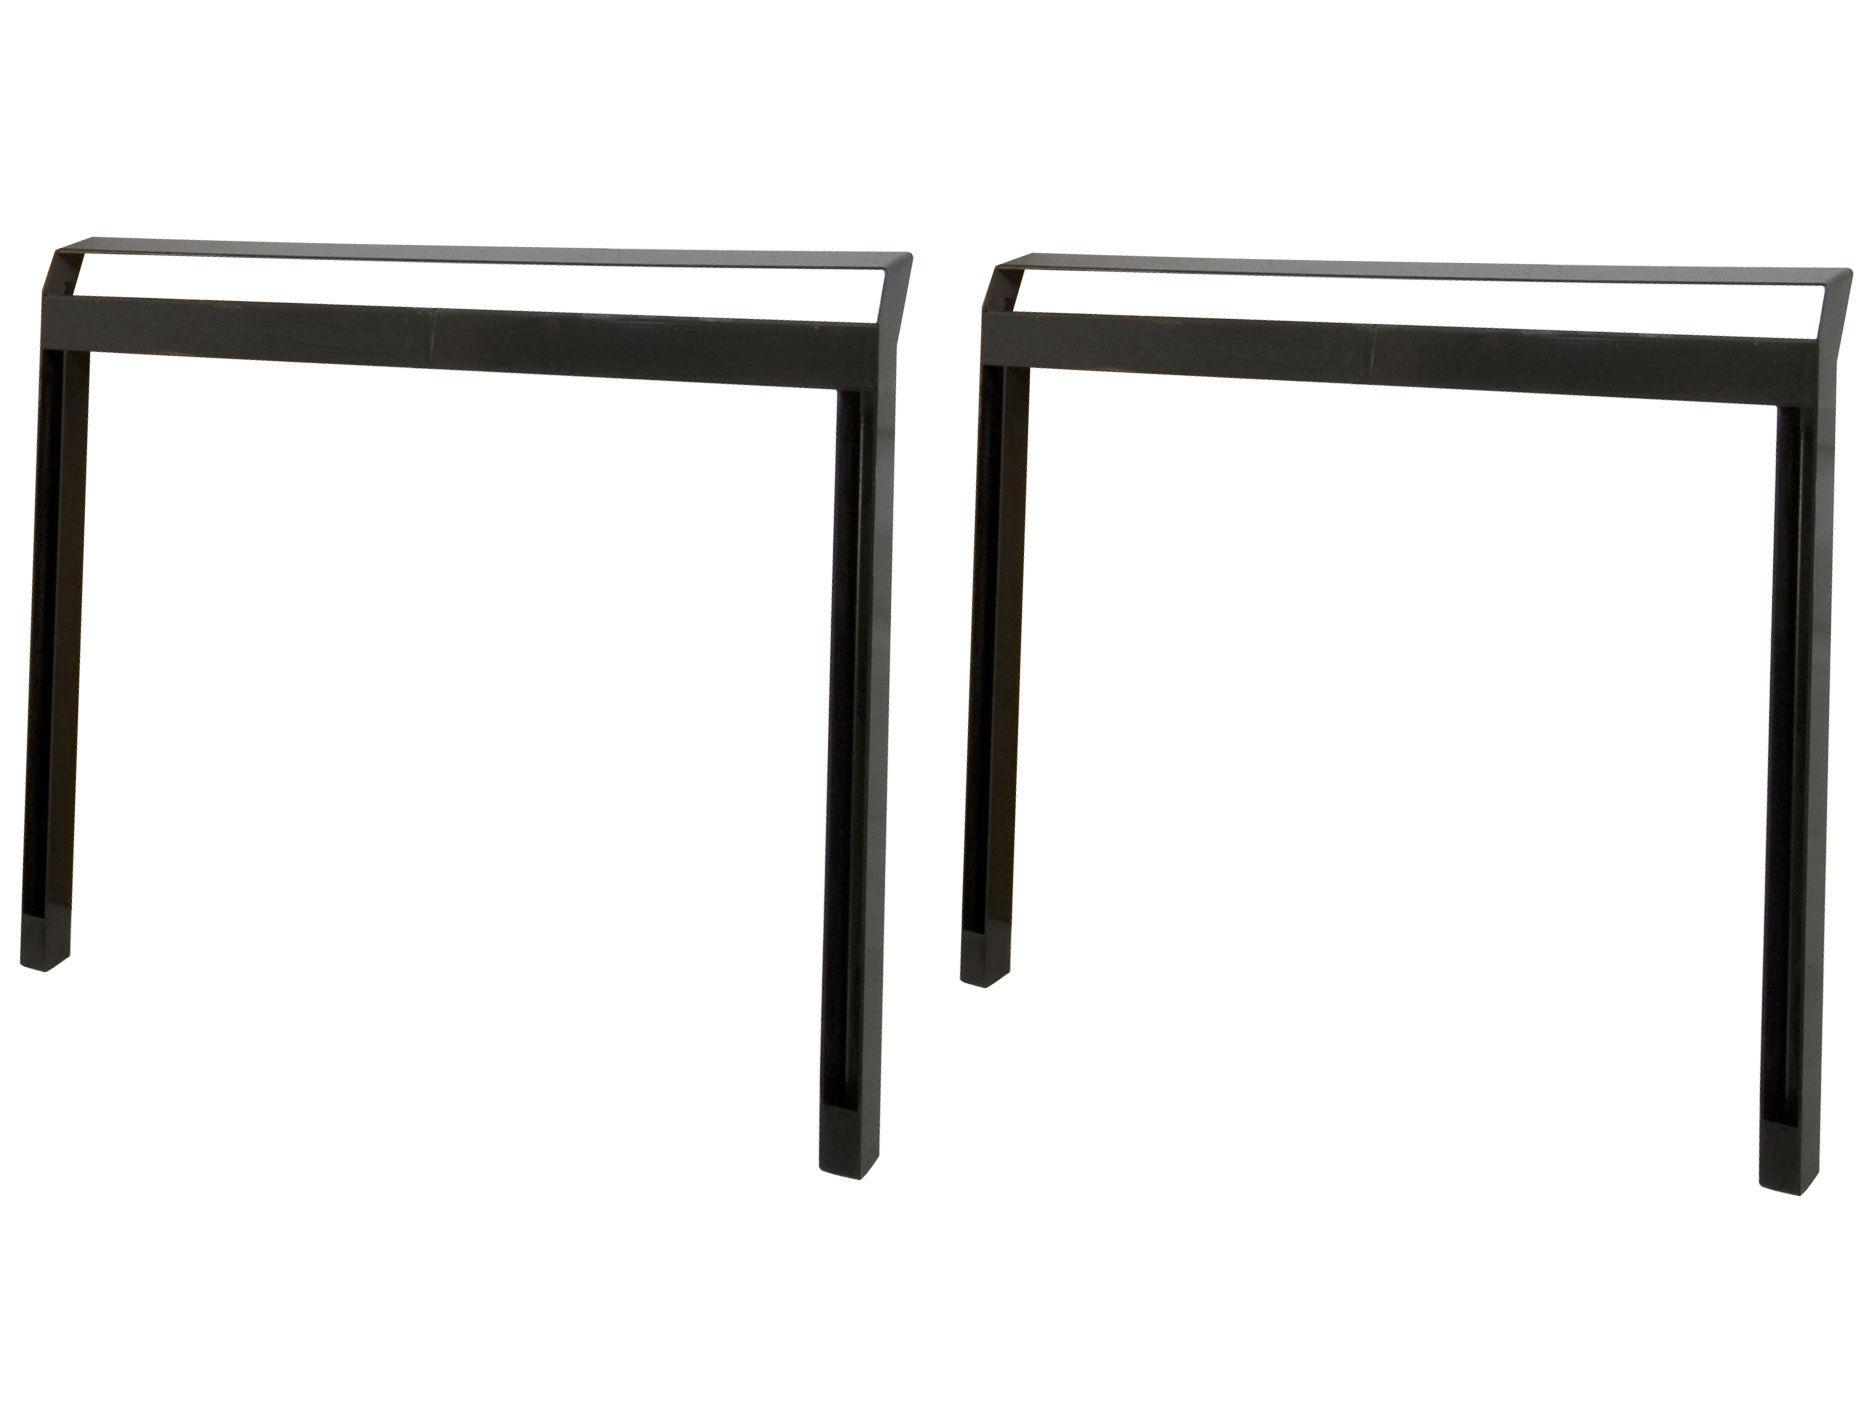 paire de tr teaux pi int rieur ext rieur noir semi brillant int rieur ext rieur. Black Bedroom Furniture Sets. Home Design Ideas